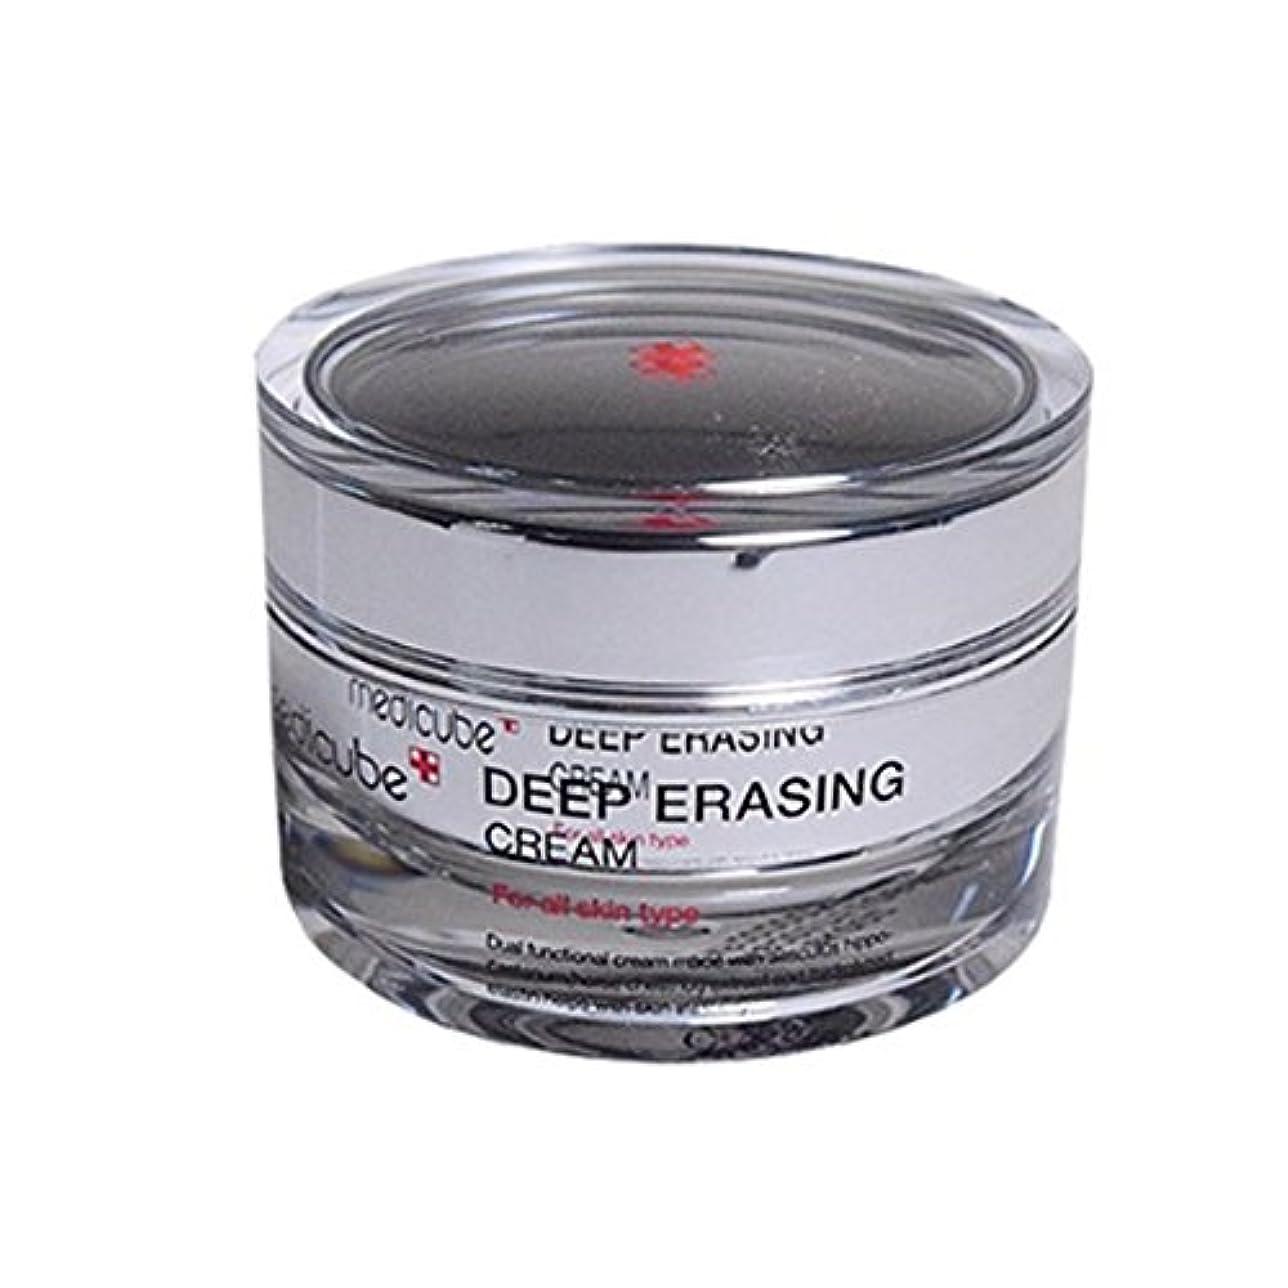 花弁知覚的豚メディキューブ?ディップイレイジンクリーム50ml、Medicube Deep Erasing Cream 50ml [並行輸入品]